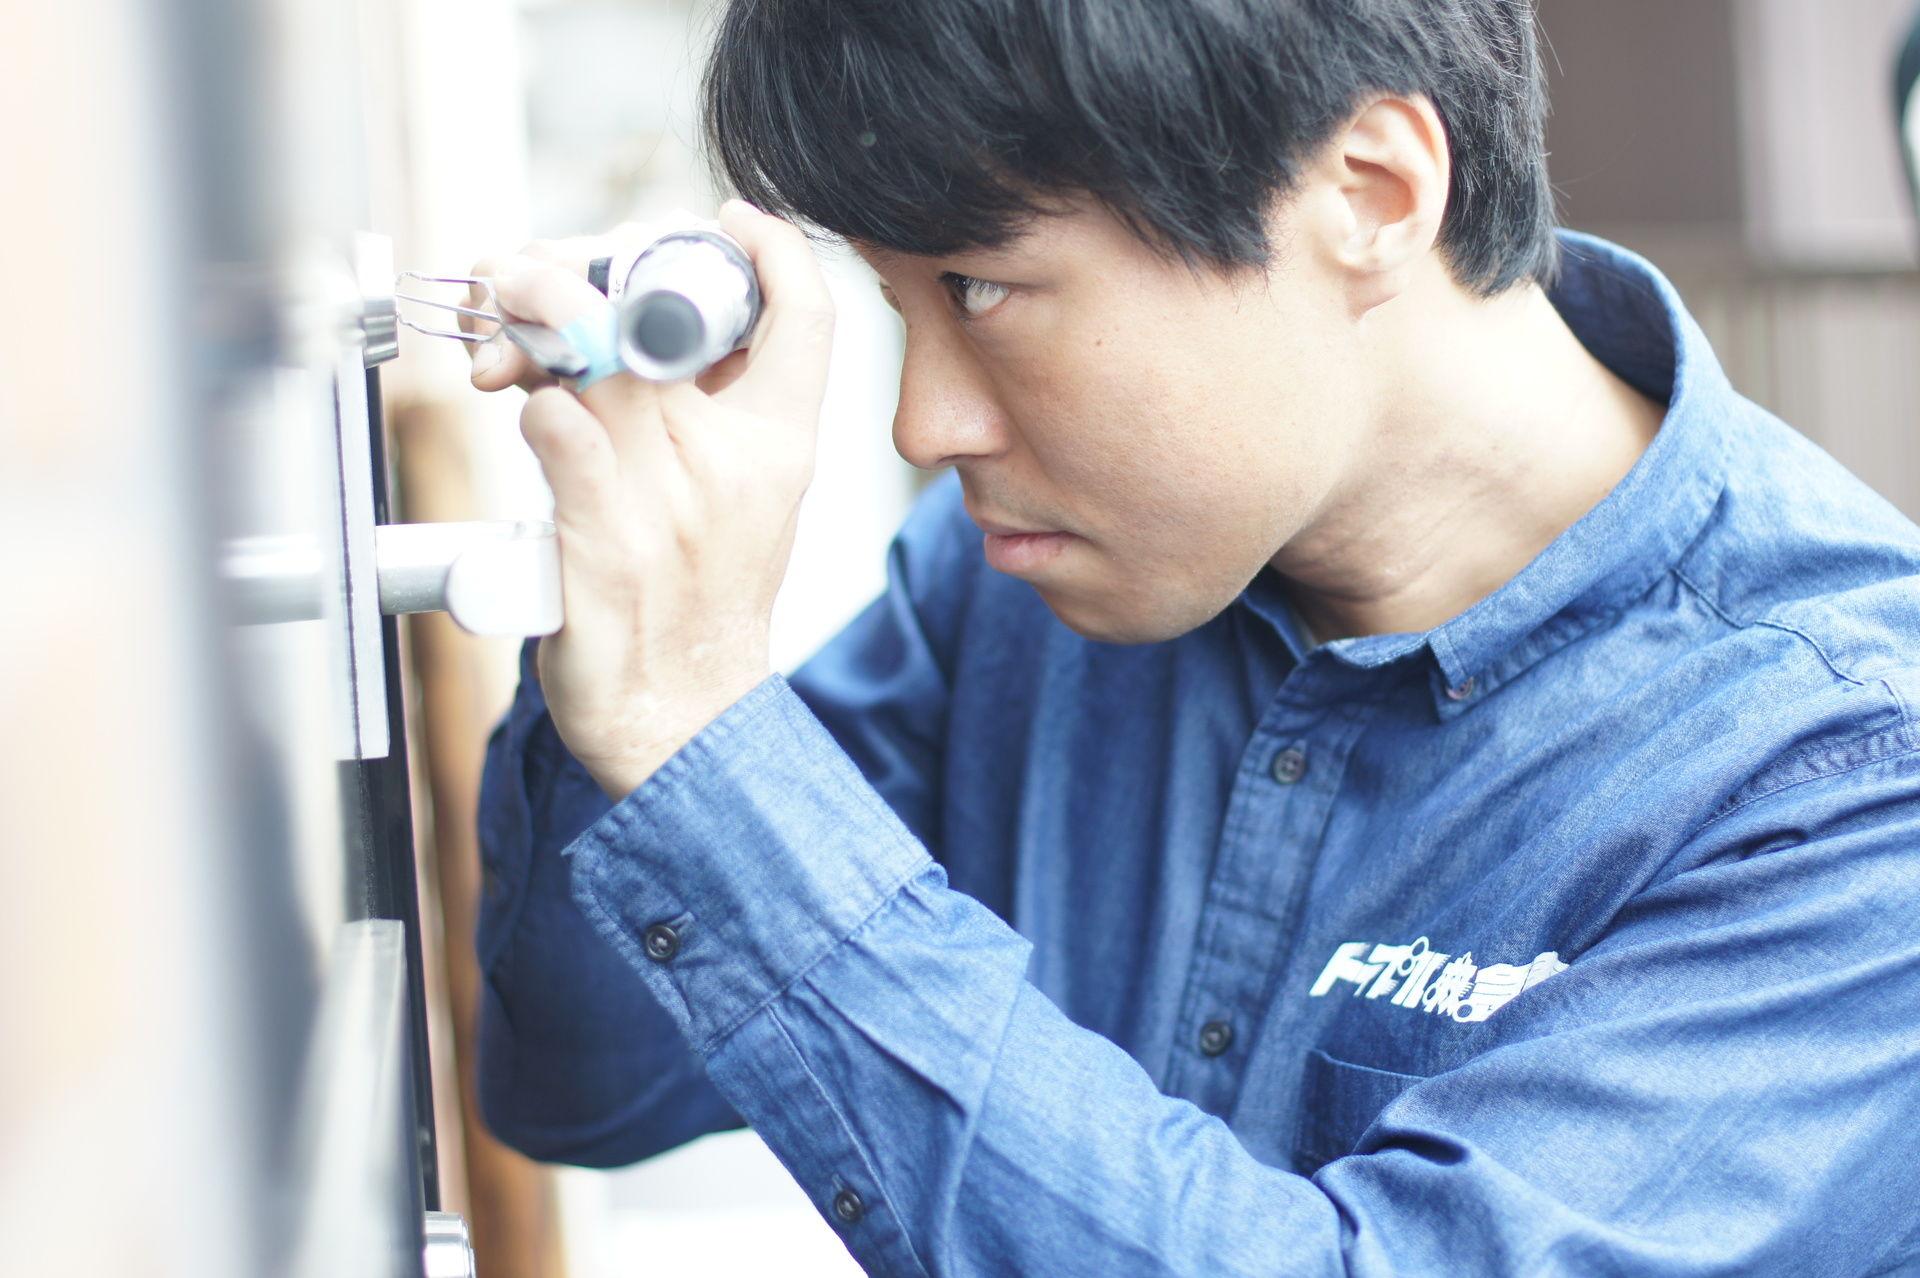 カギのトラブル救Q隊.24【坂東市 出張エリア】のメイン画像